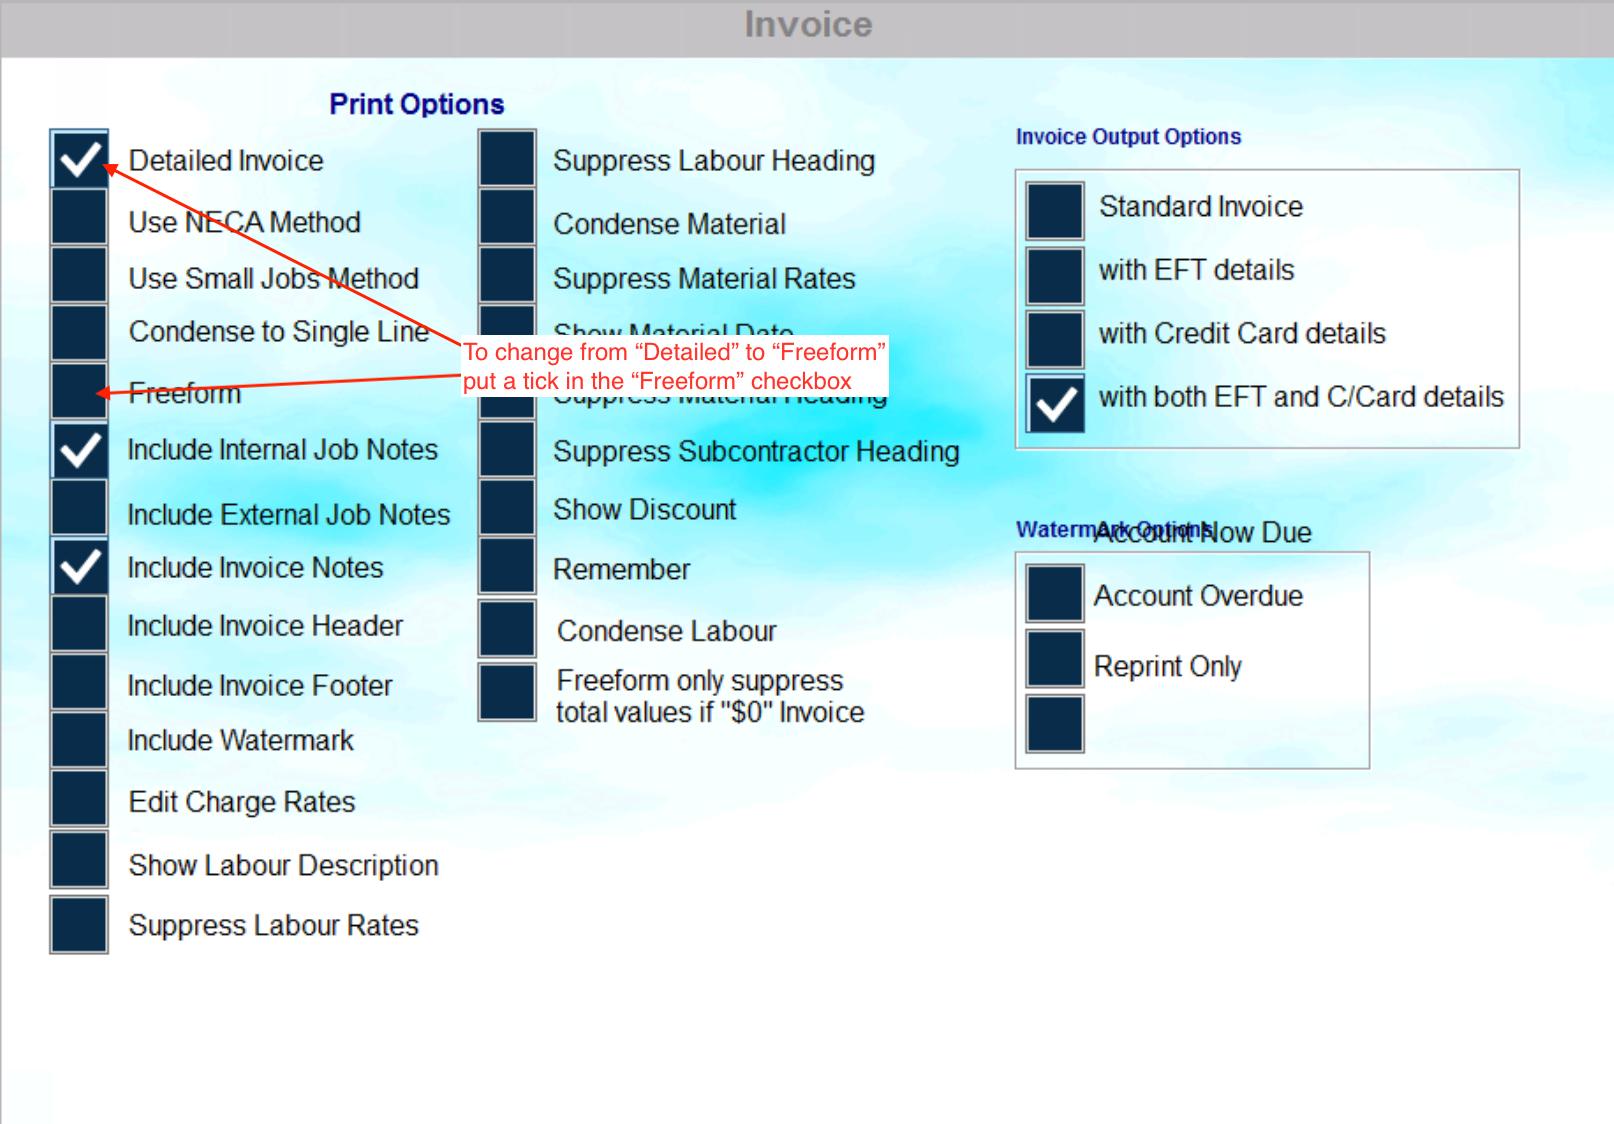 Invoice Options